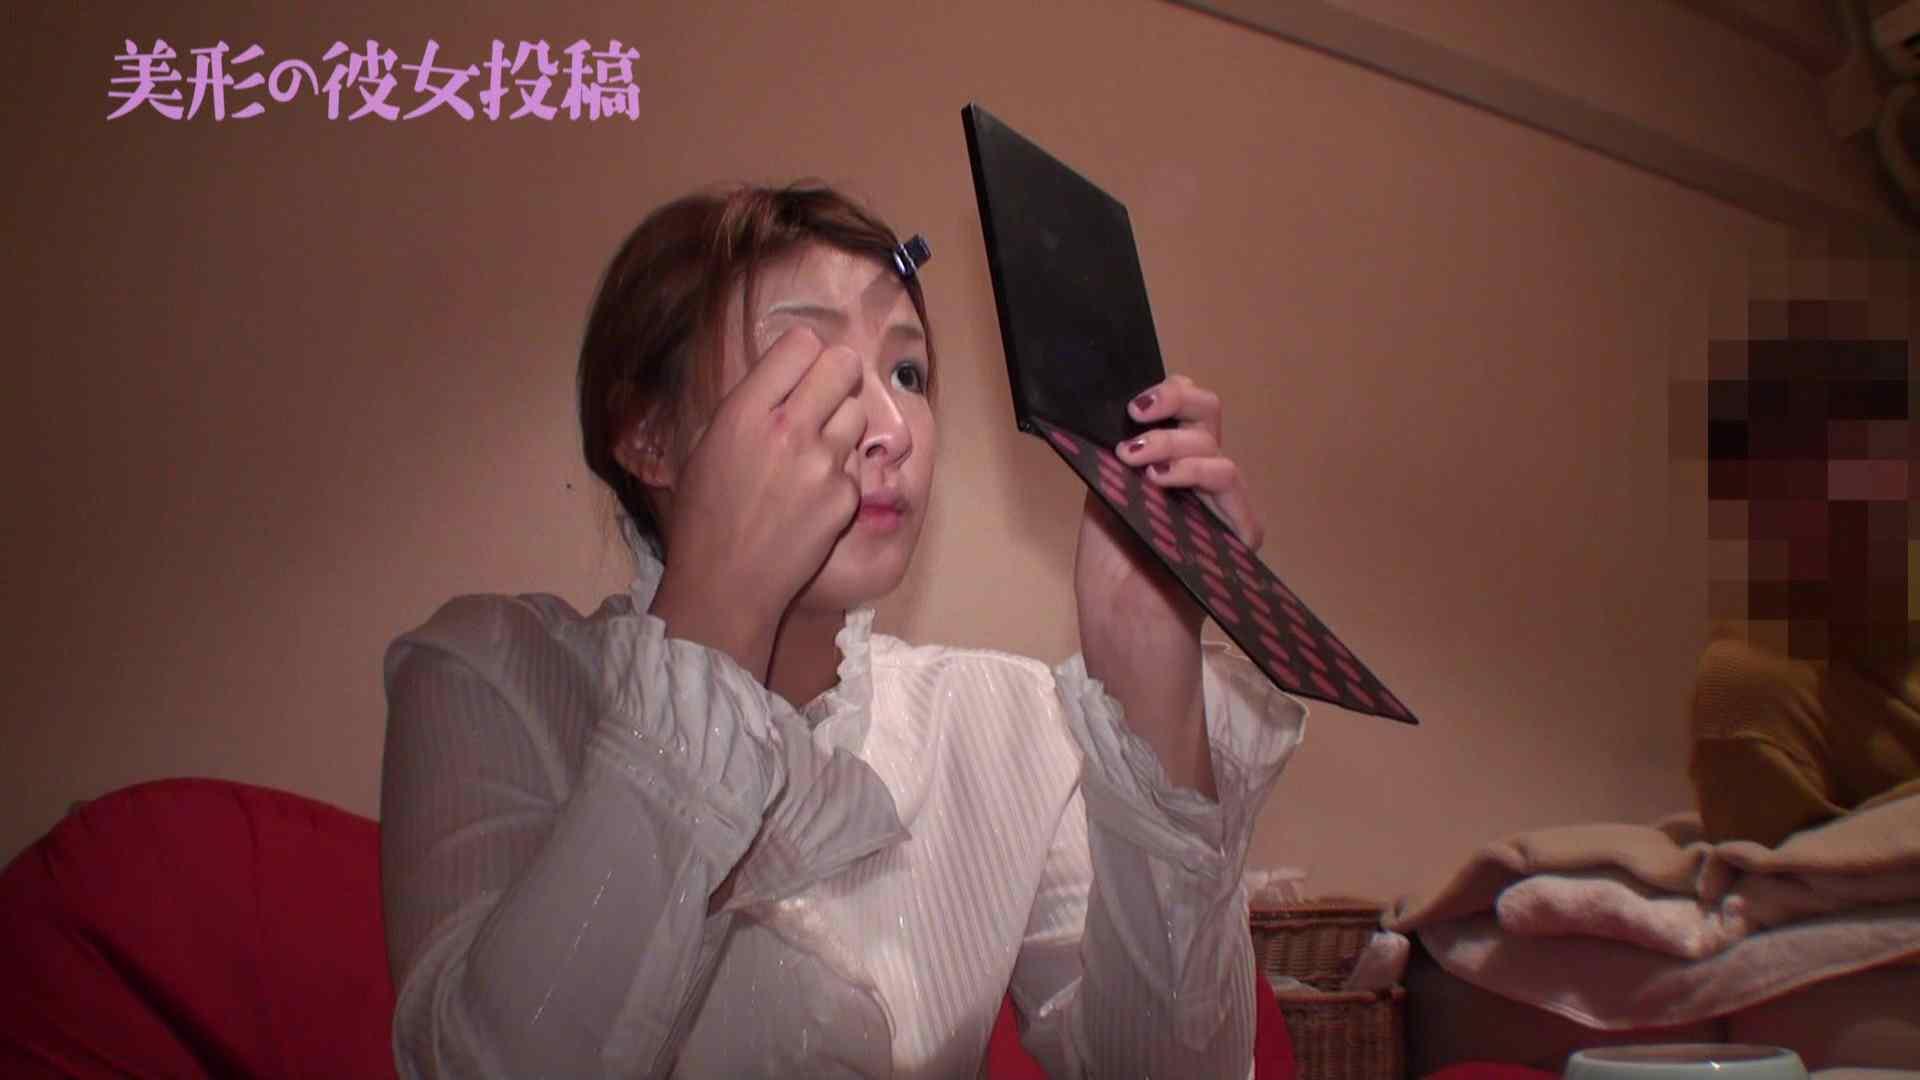 アダルトエロ動画|超美形の彼女を投稿!!|大奥